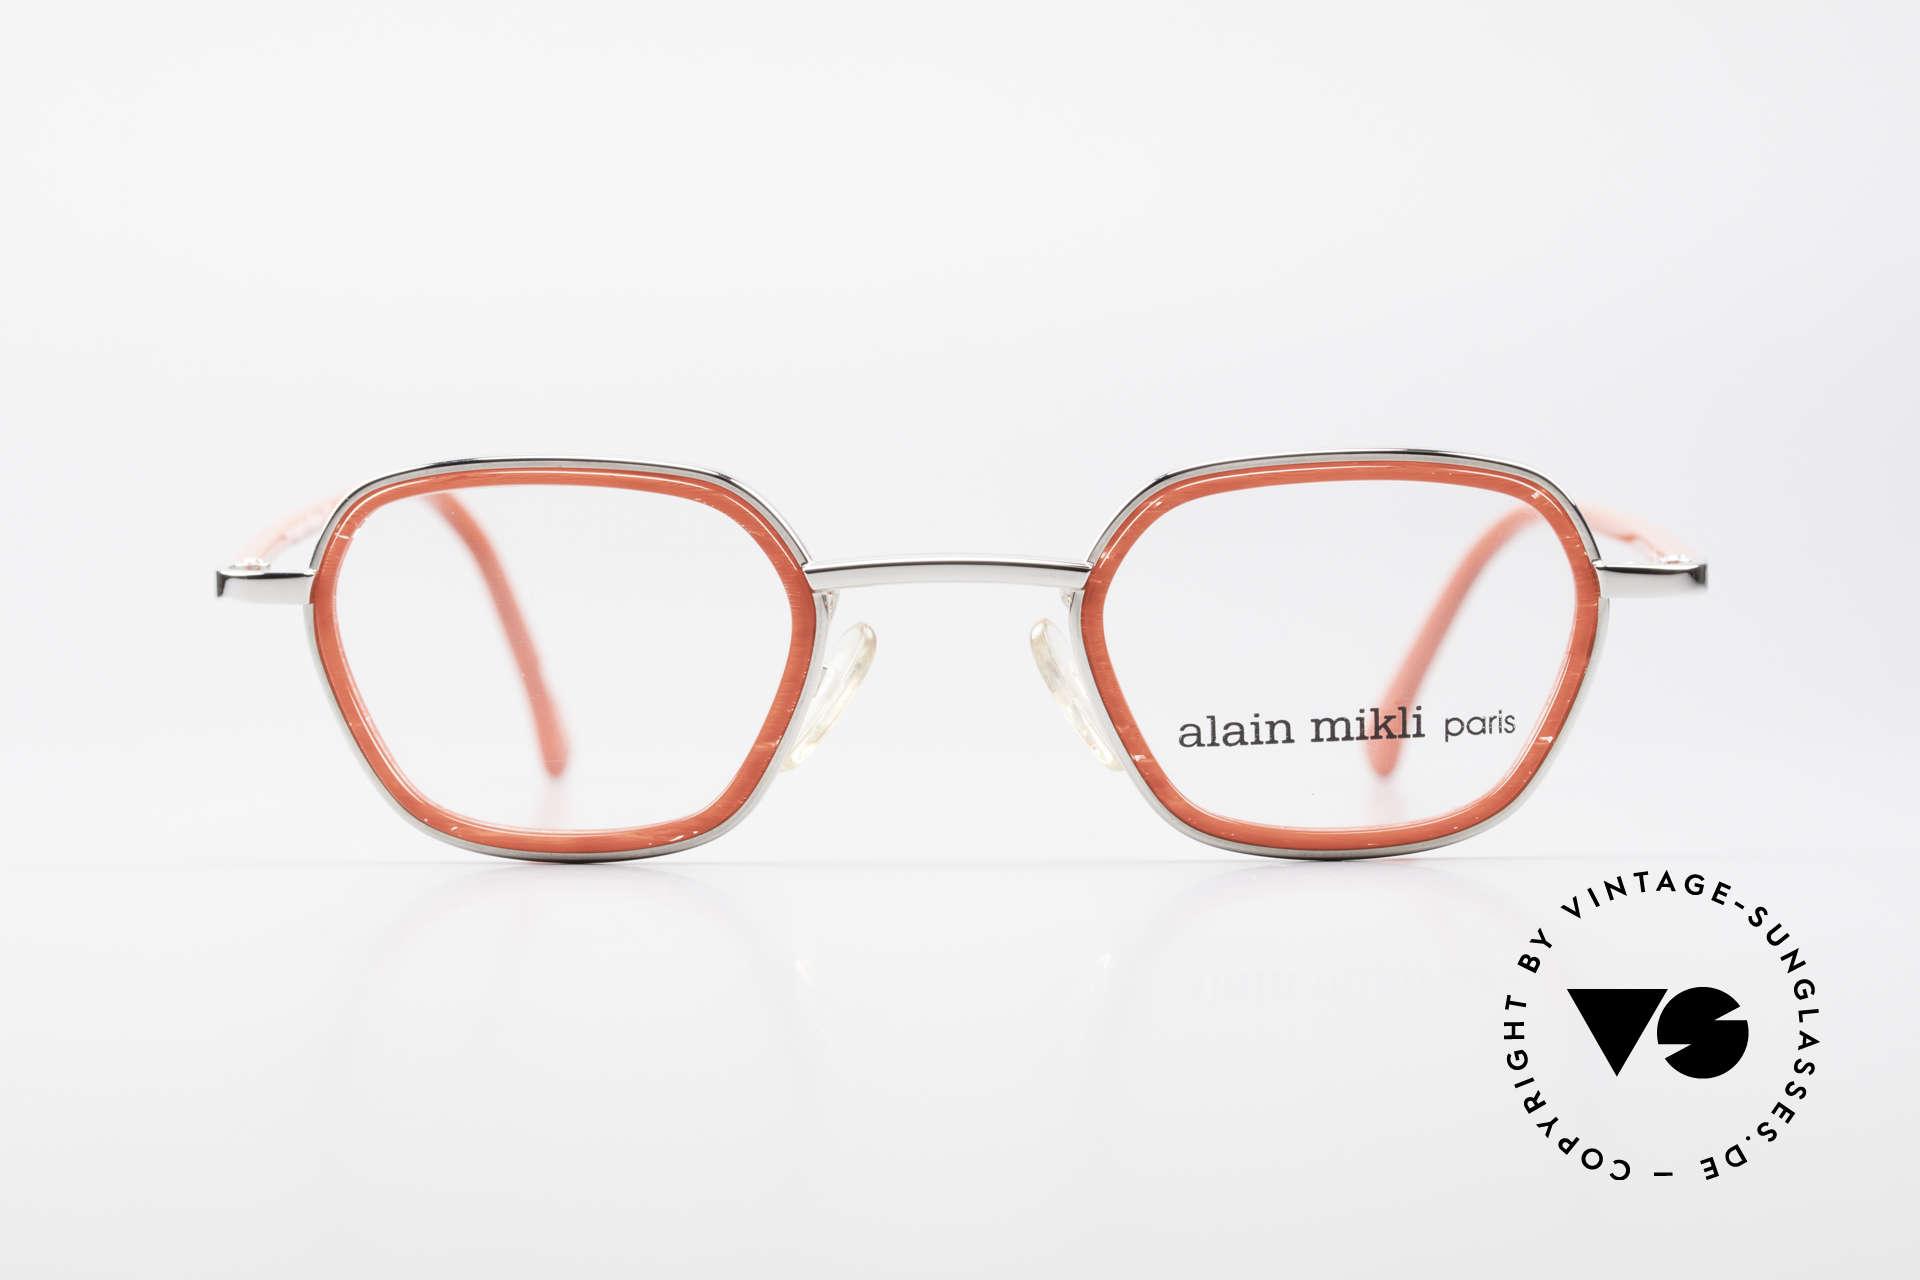 Alain Mikli 1642 / 1006 Vintage Brille In Mikli Rot, tolle Materialkombination und Farb-Komposition, Passend für Damen